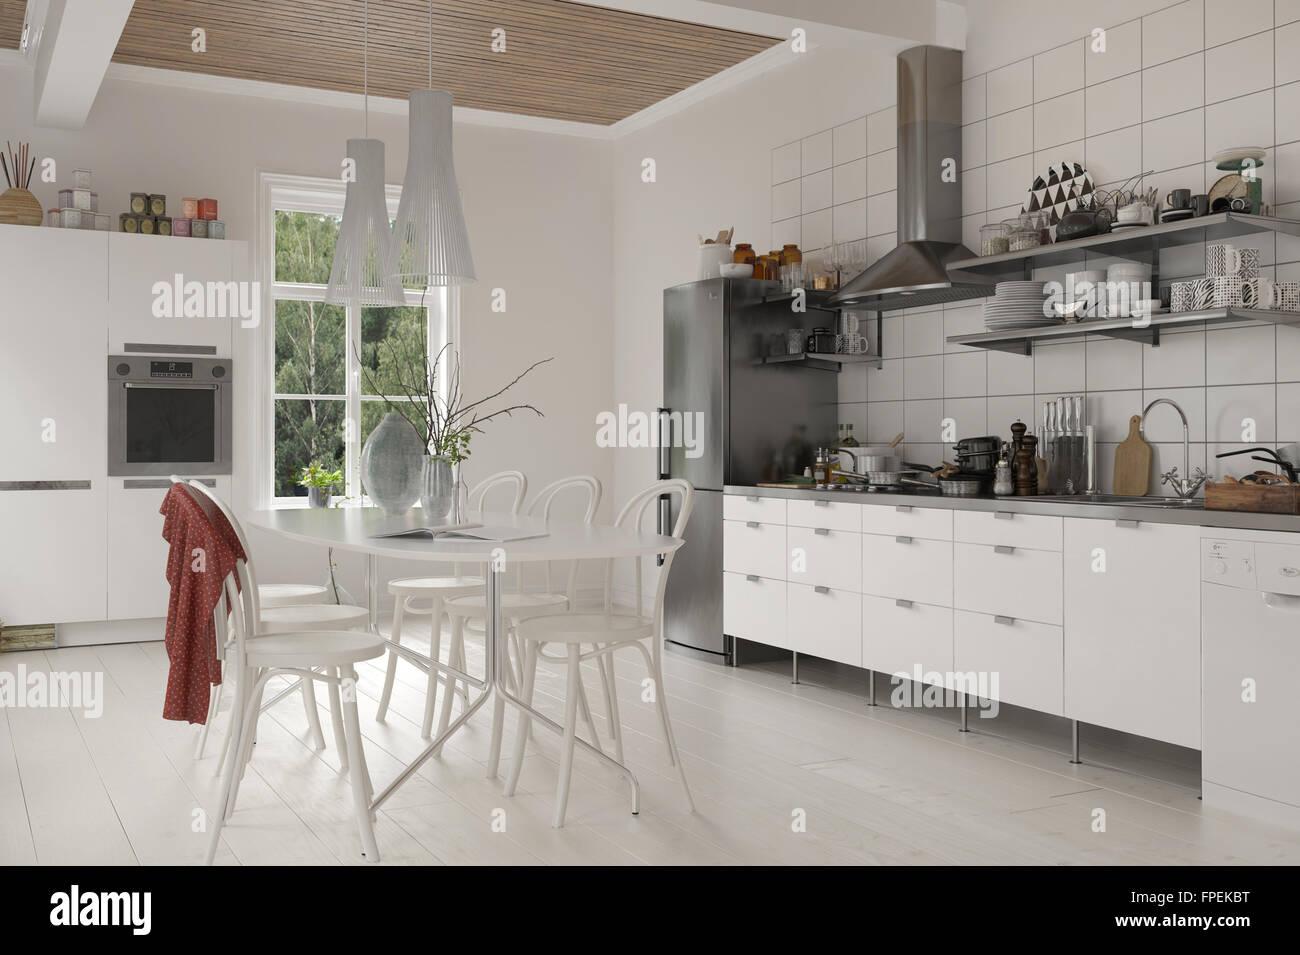 Küche Tisch Mit Schrank Stock Photo